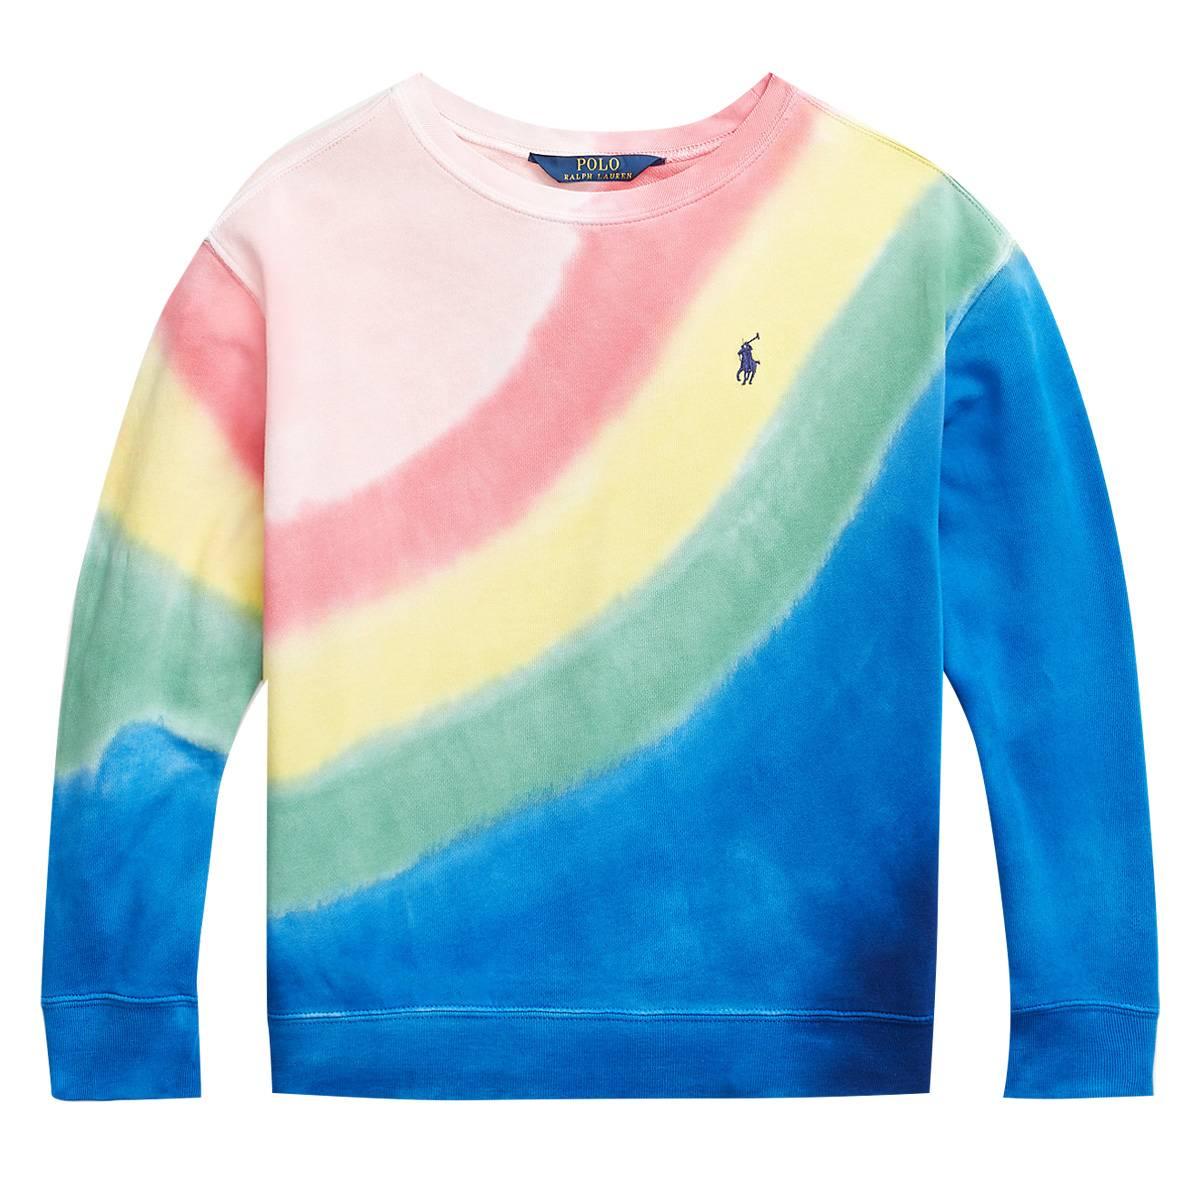 Polo Ralph Lauren Teens - Tie-Dye Terry Sweatshirt